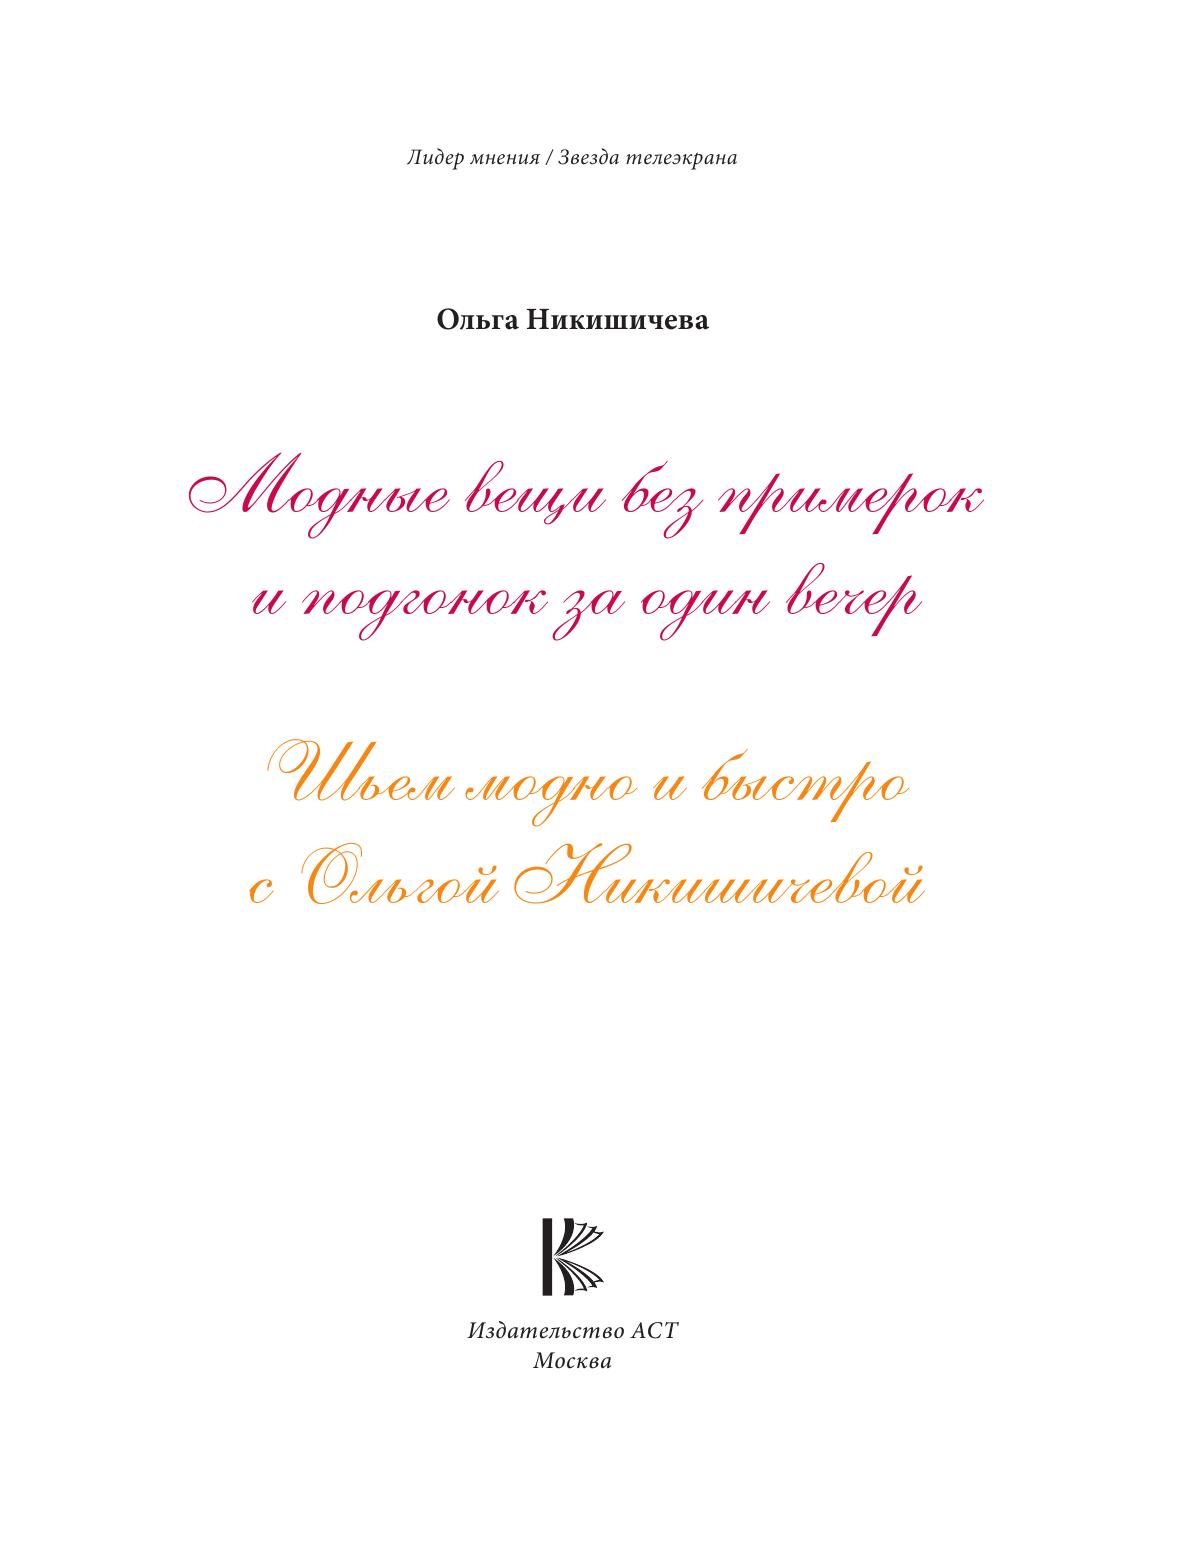 2ccfcb5188cae Никишичева Ольга Сергеевна Модные вещи без примерок и подгонок за один вечер  - страница 2